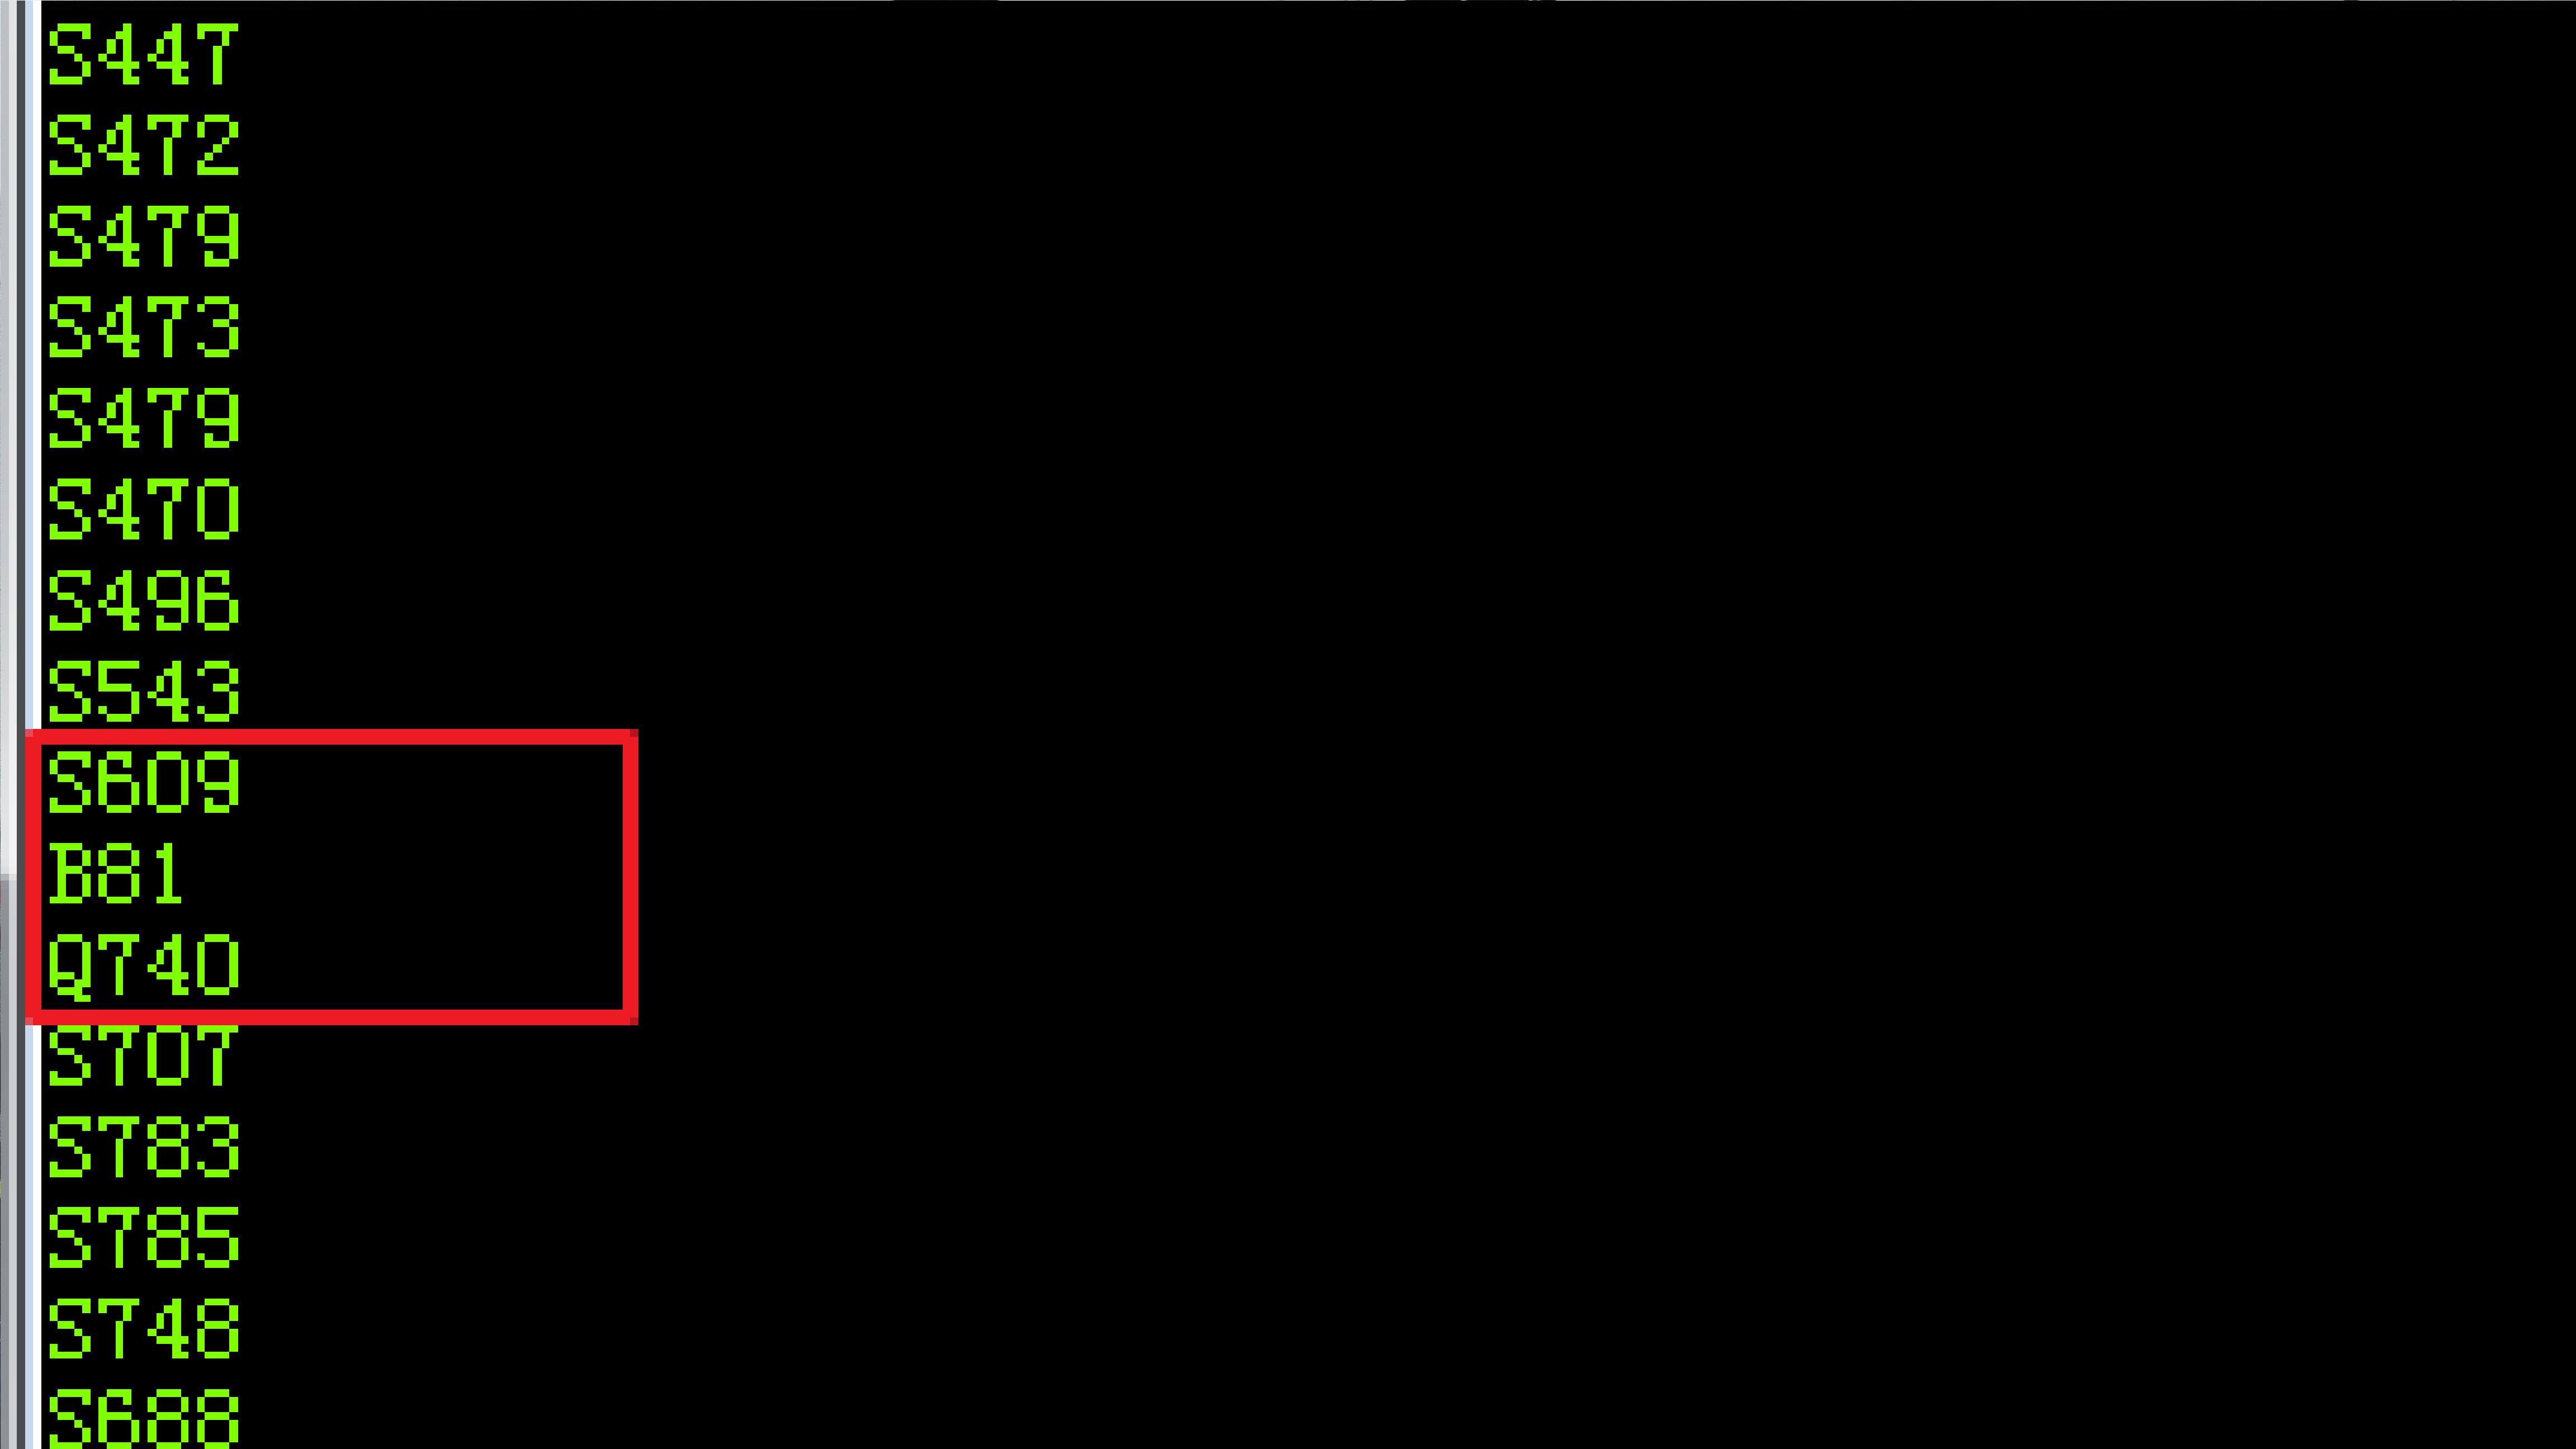 图12 上位机串口数据格式